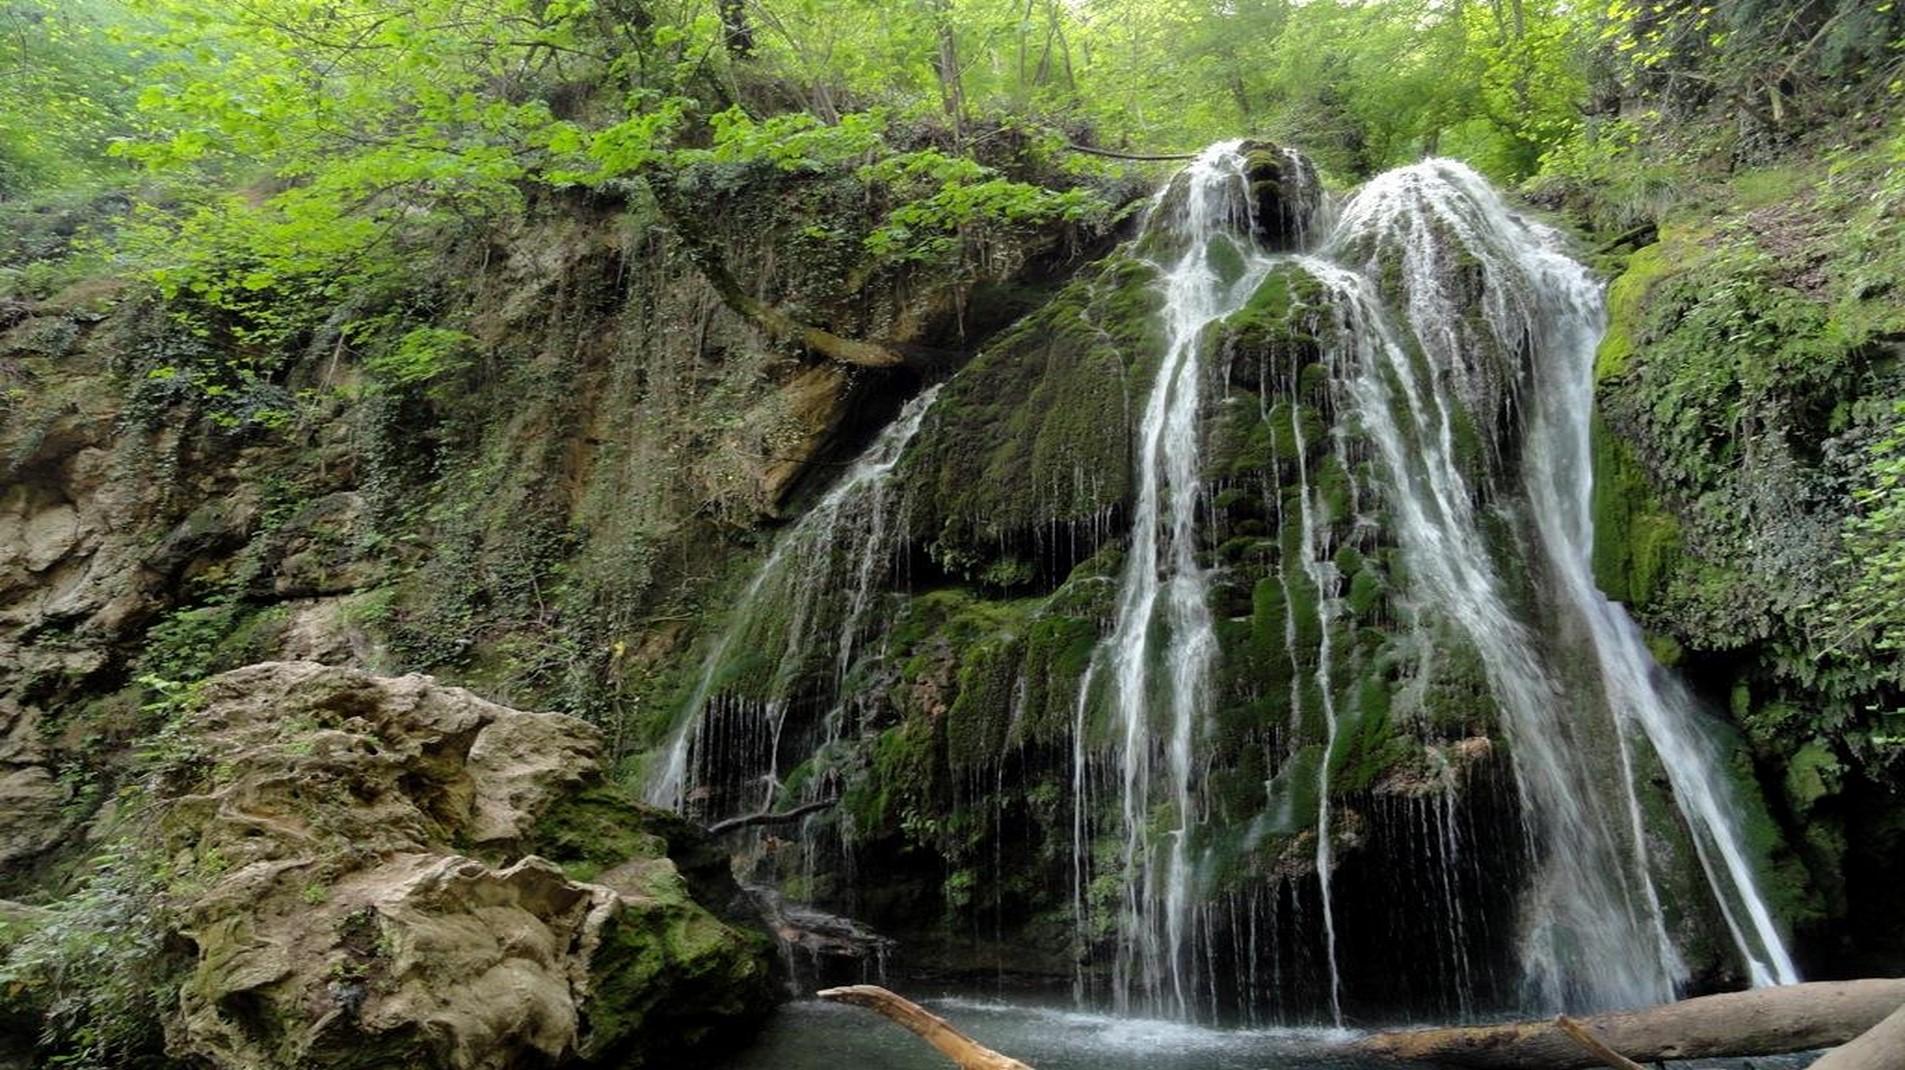 آبشار کبودوال ، آبشاری جاری در دل جنگل سبز